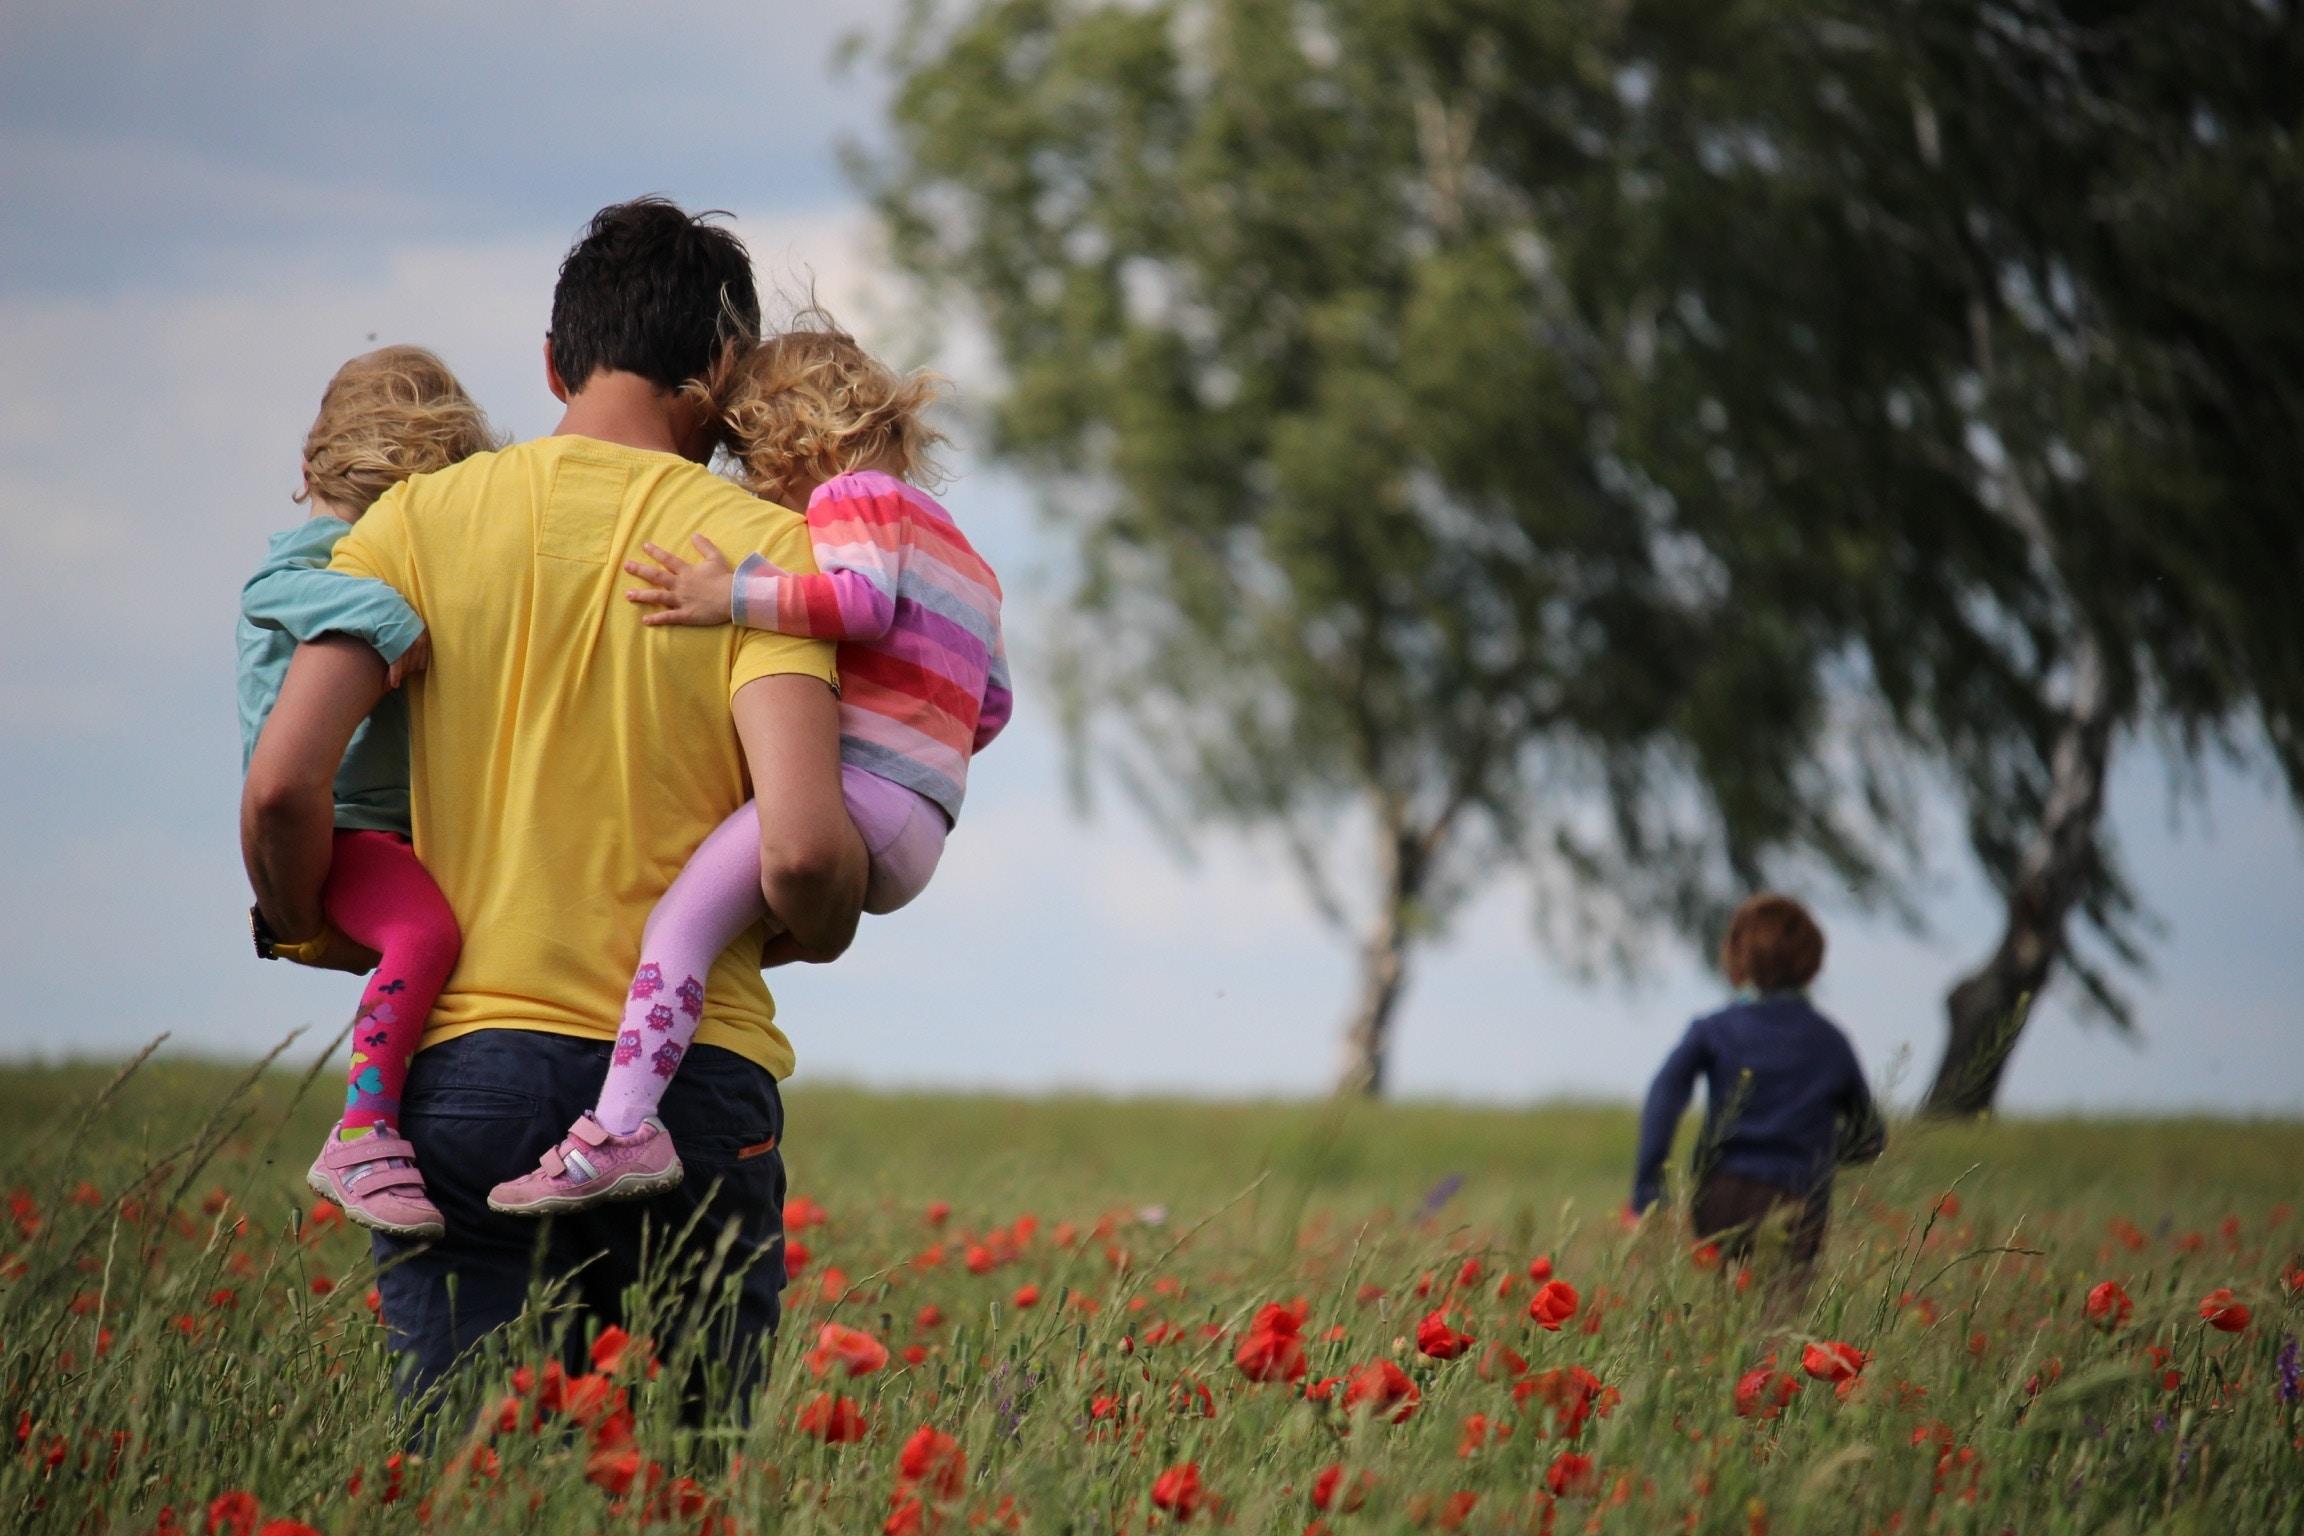 Vsaj enkrat na teden si vzemite kvaliteten čas za svoje otroke